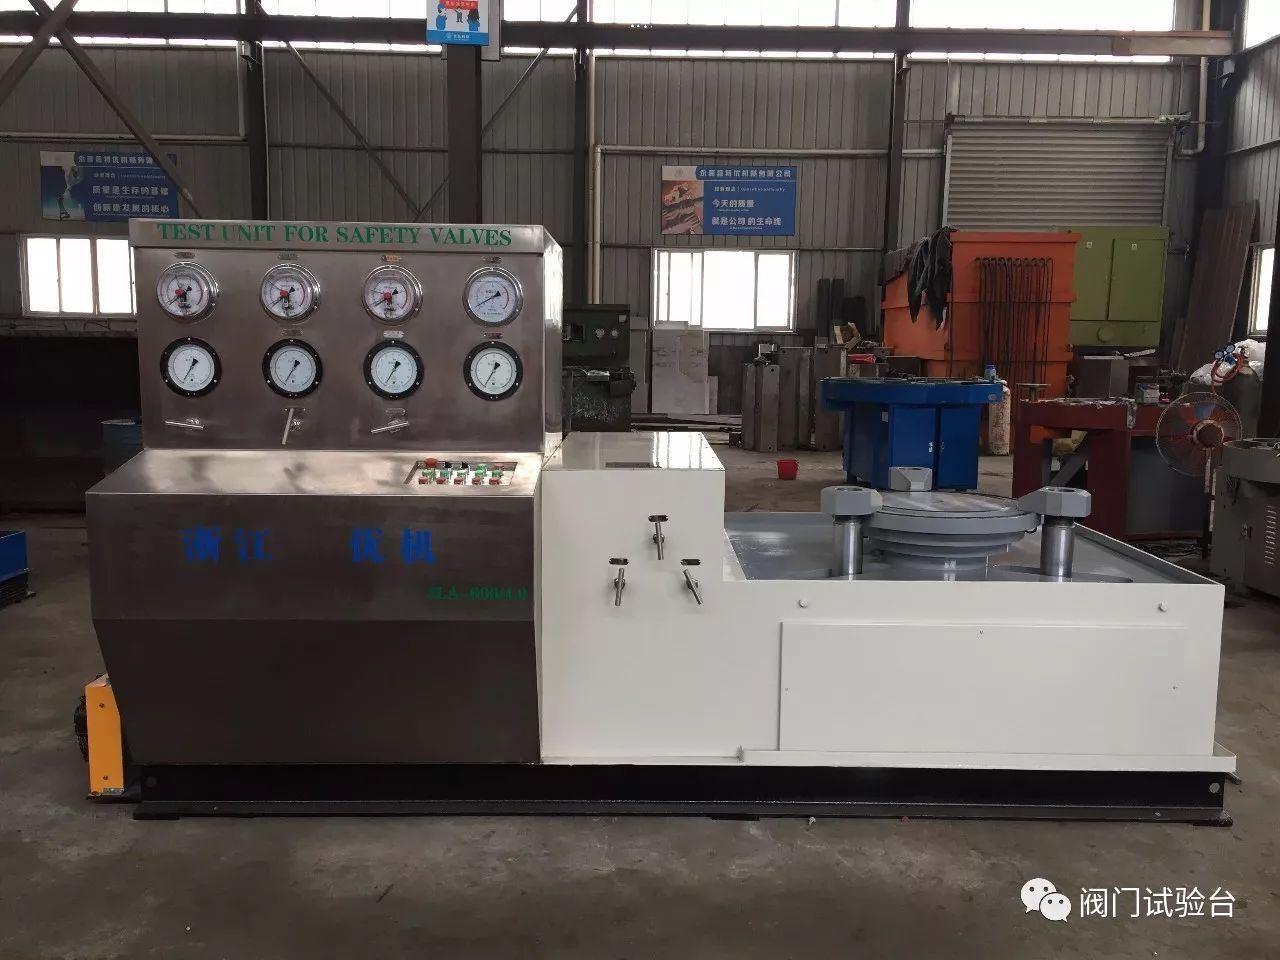 给中石油宁夏石化公司定制的安全阀试验台JLA-600完工(控制柜和液体接触部位采用304不锈钢材质)